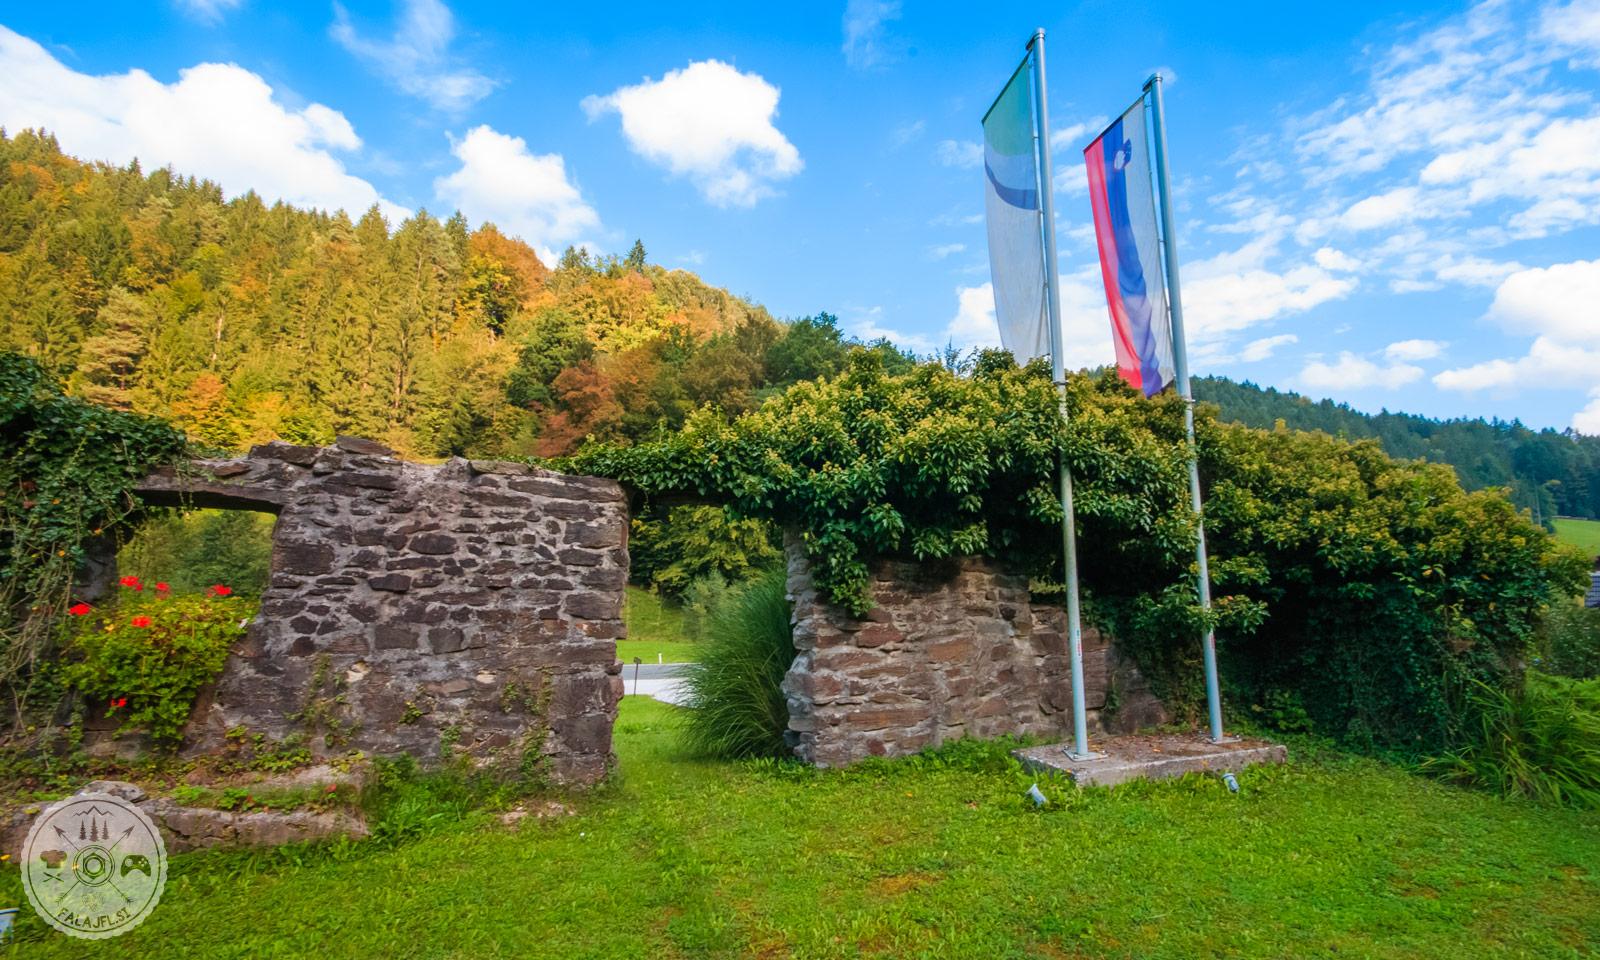 spomenik Orehovica, NOB, 2. svetovna vojna, obeležje